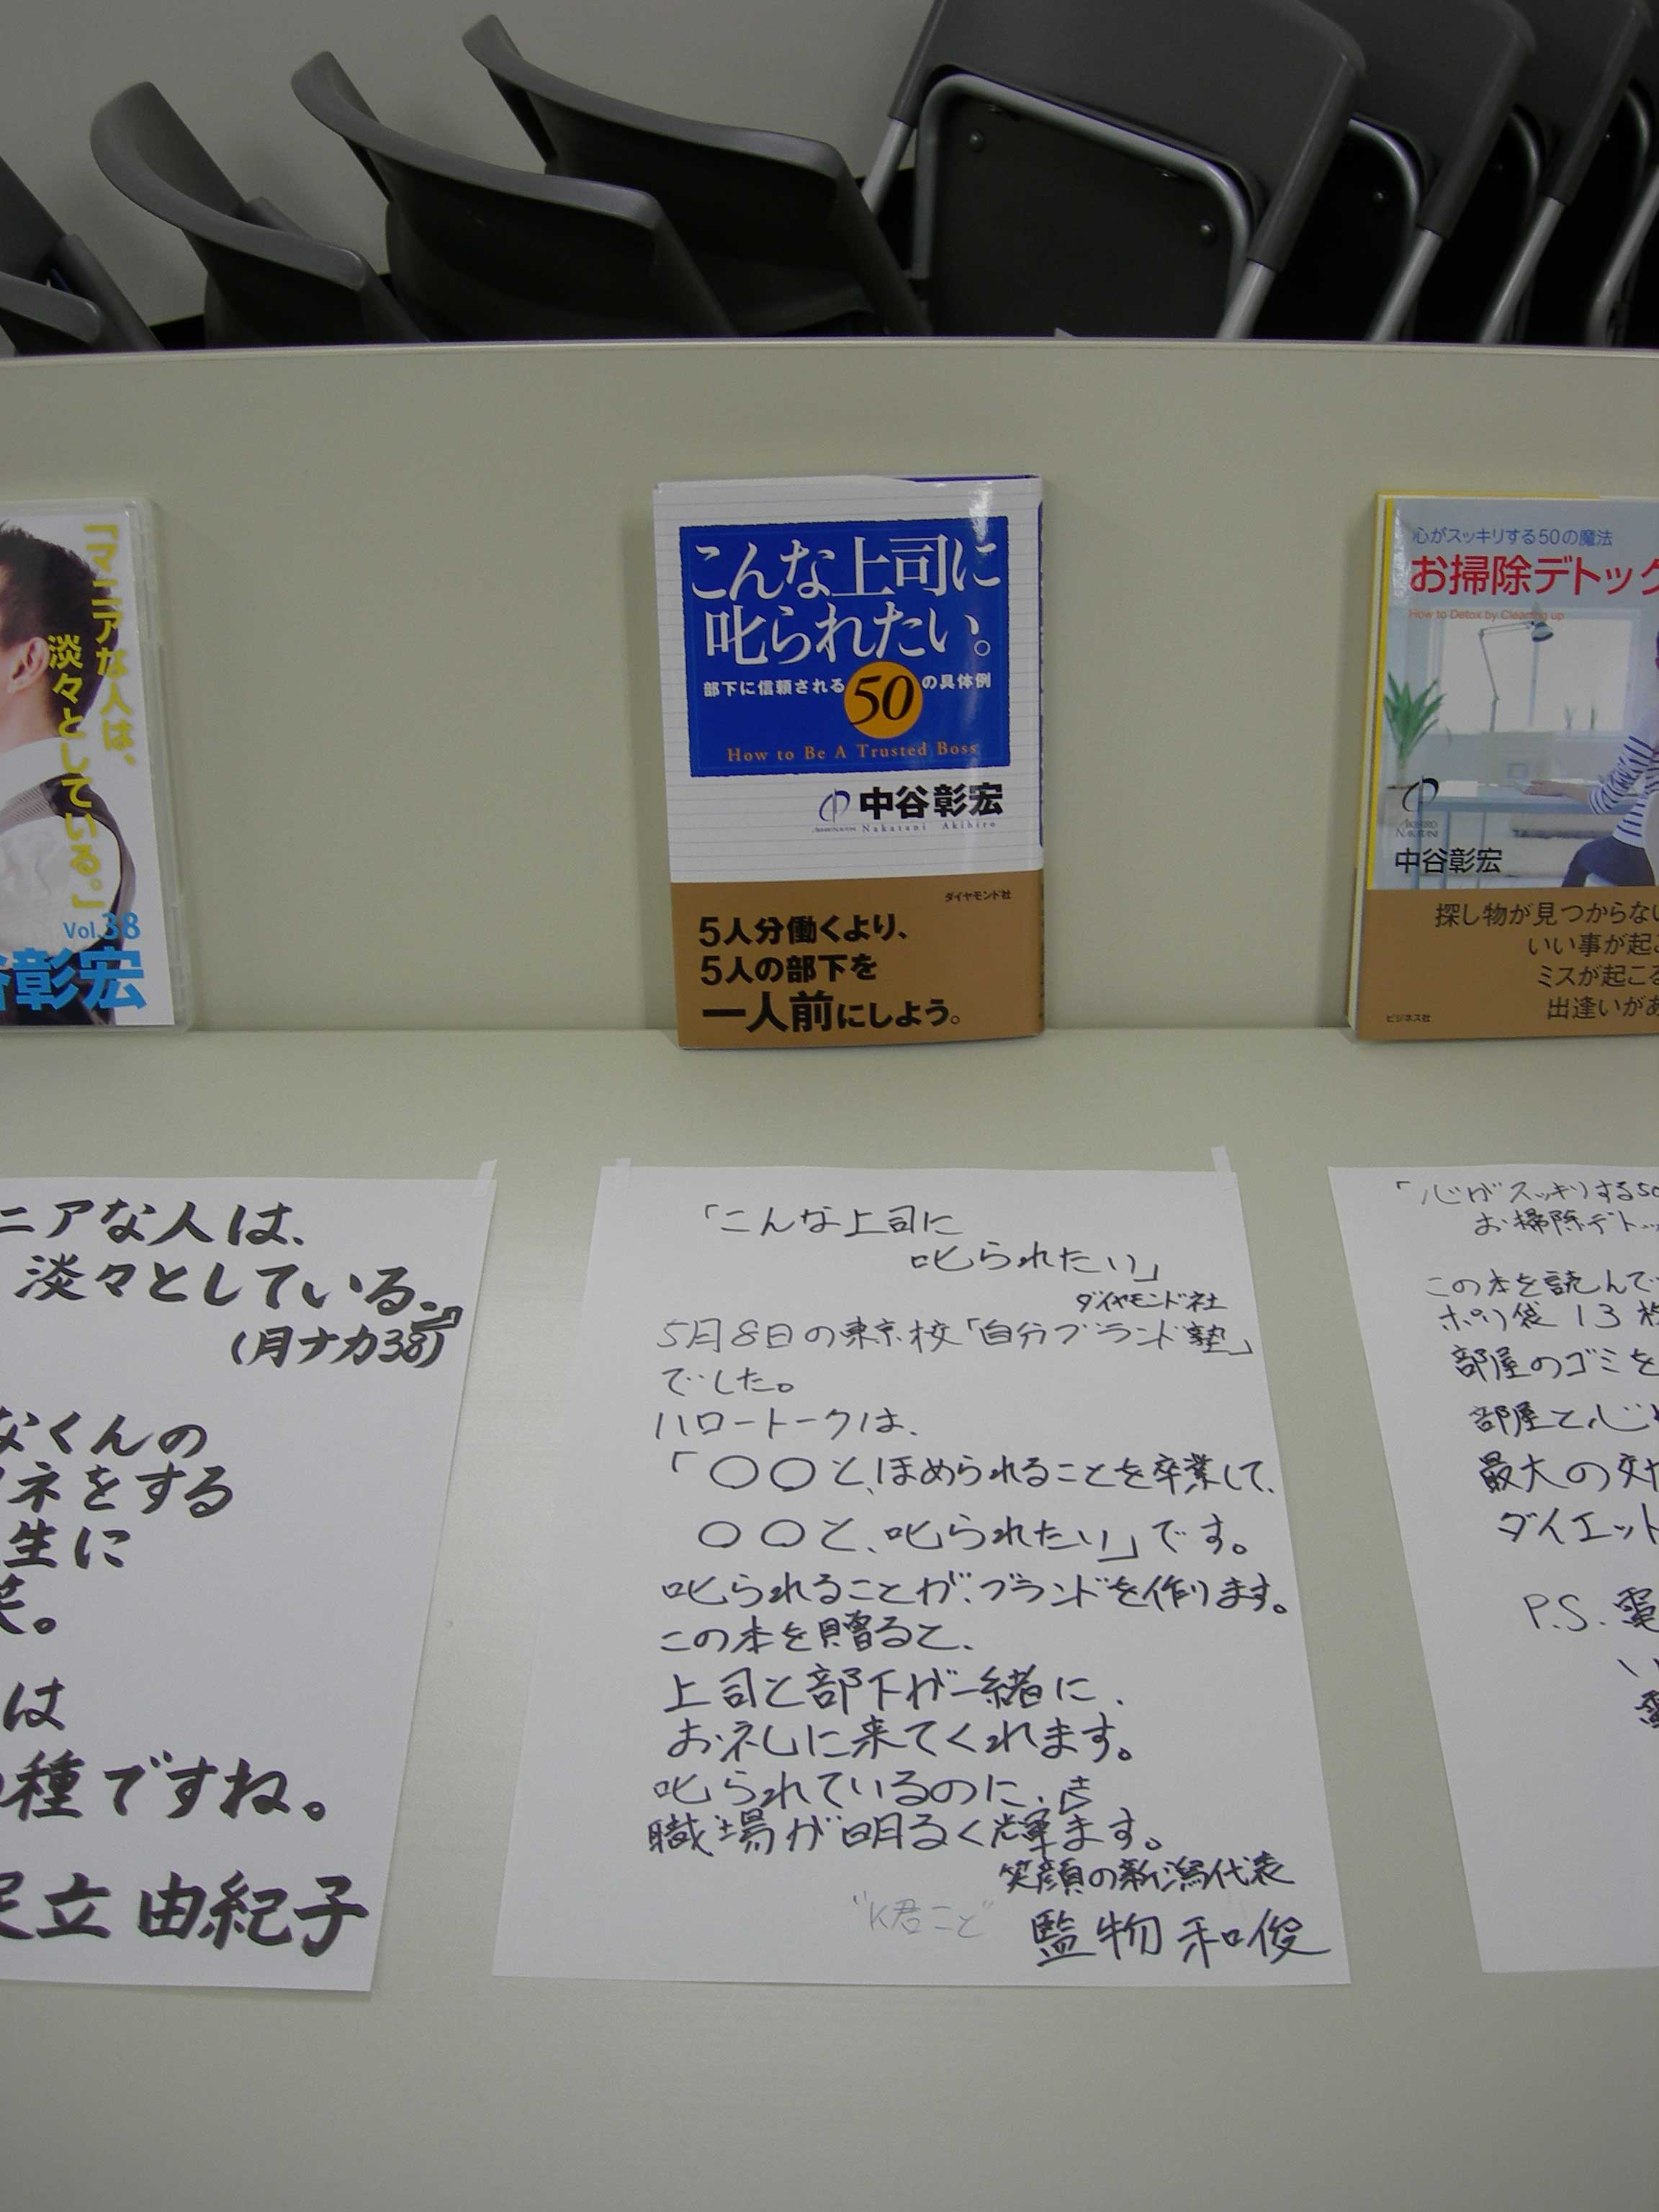 20100516_紹介文_監物和俊さん_1.jpg